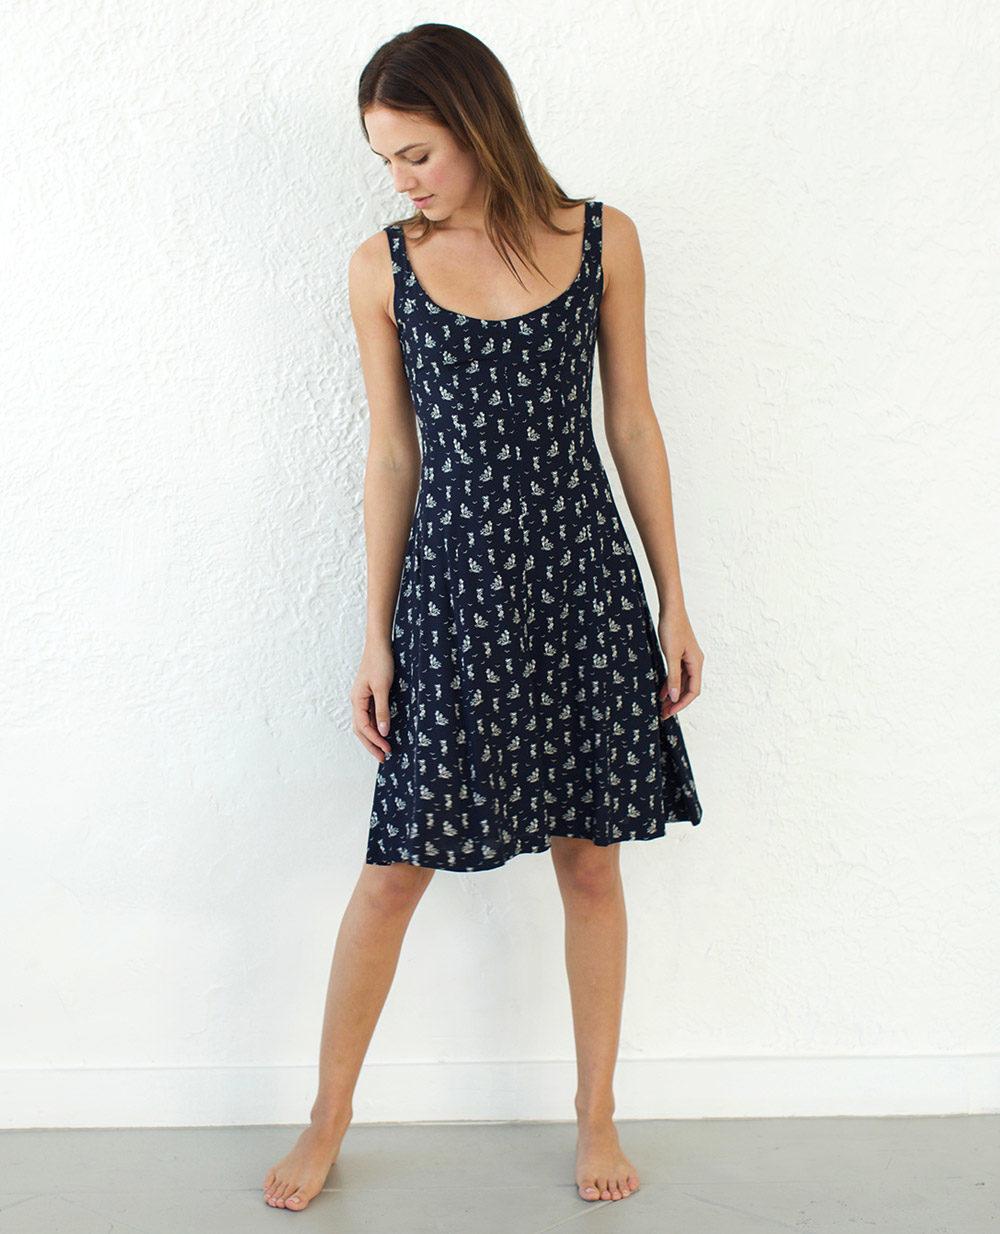 TheClothespinn.com | Sam Dress Fiesta Print